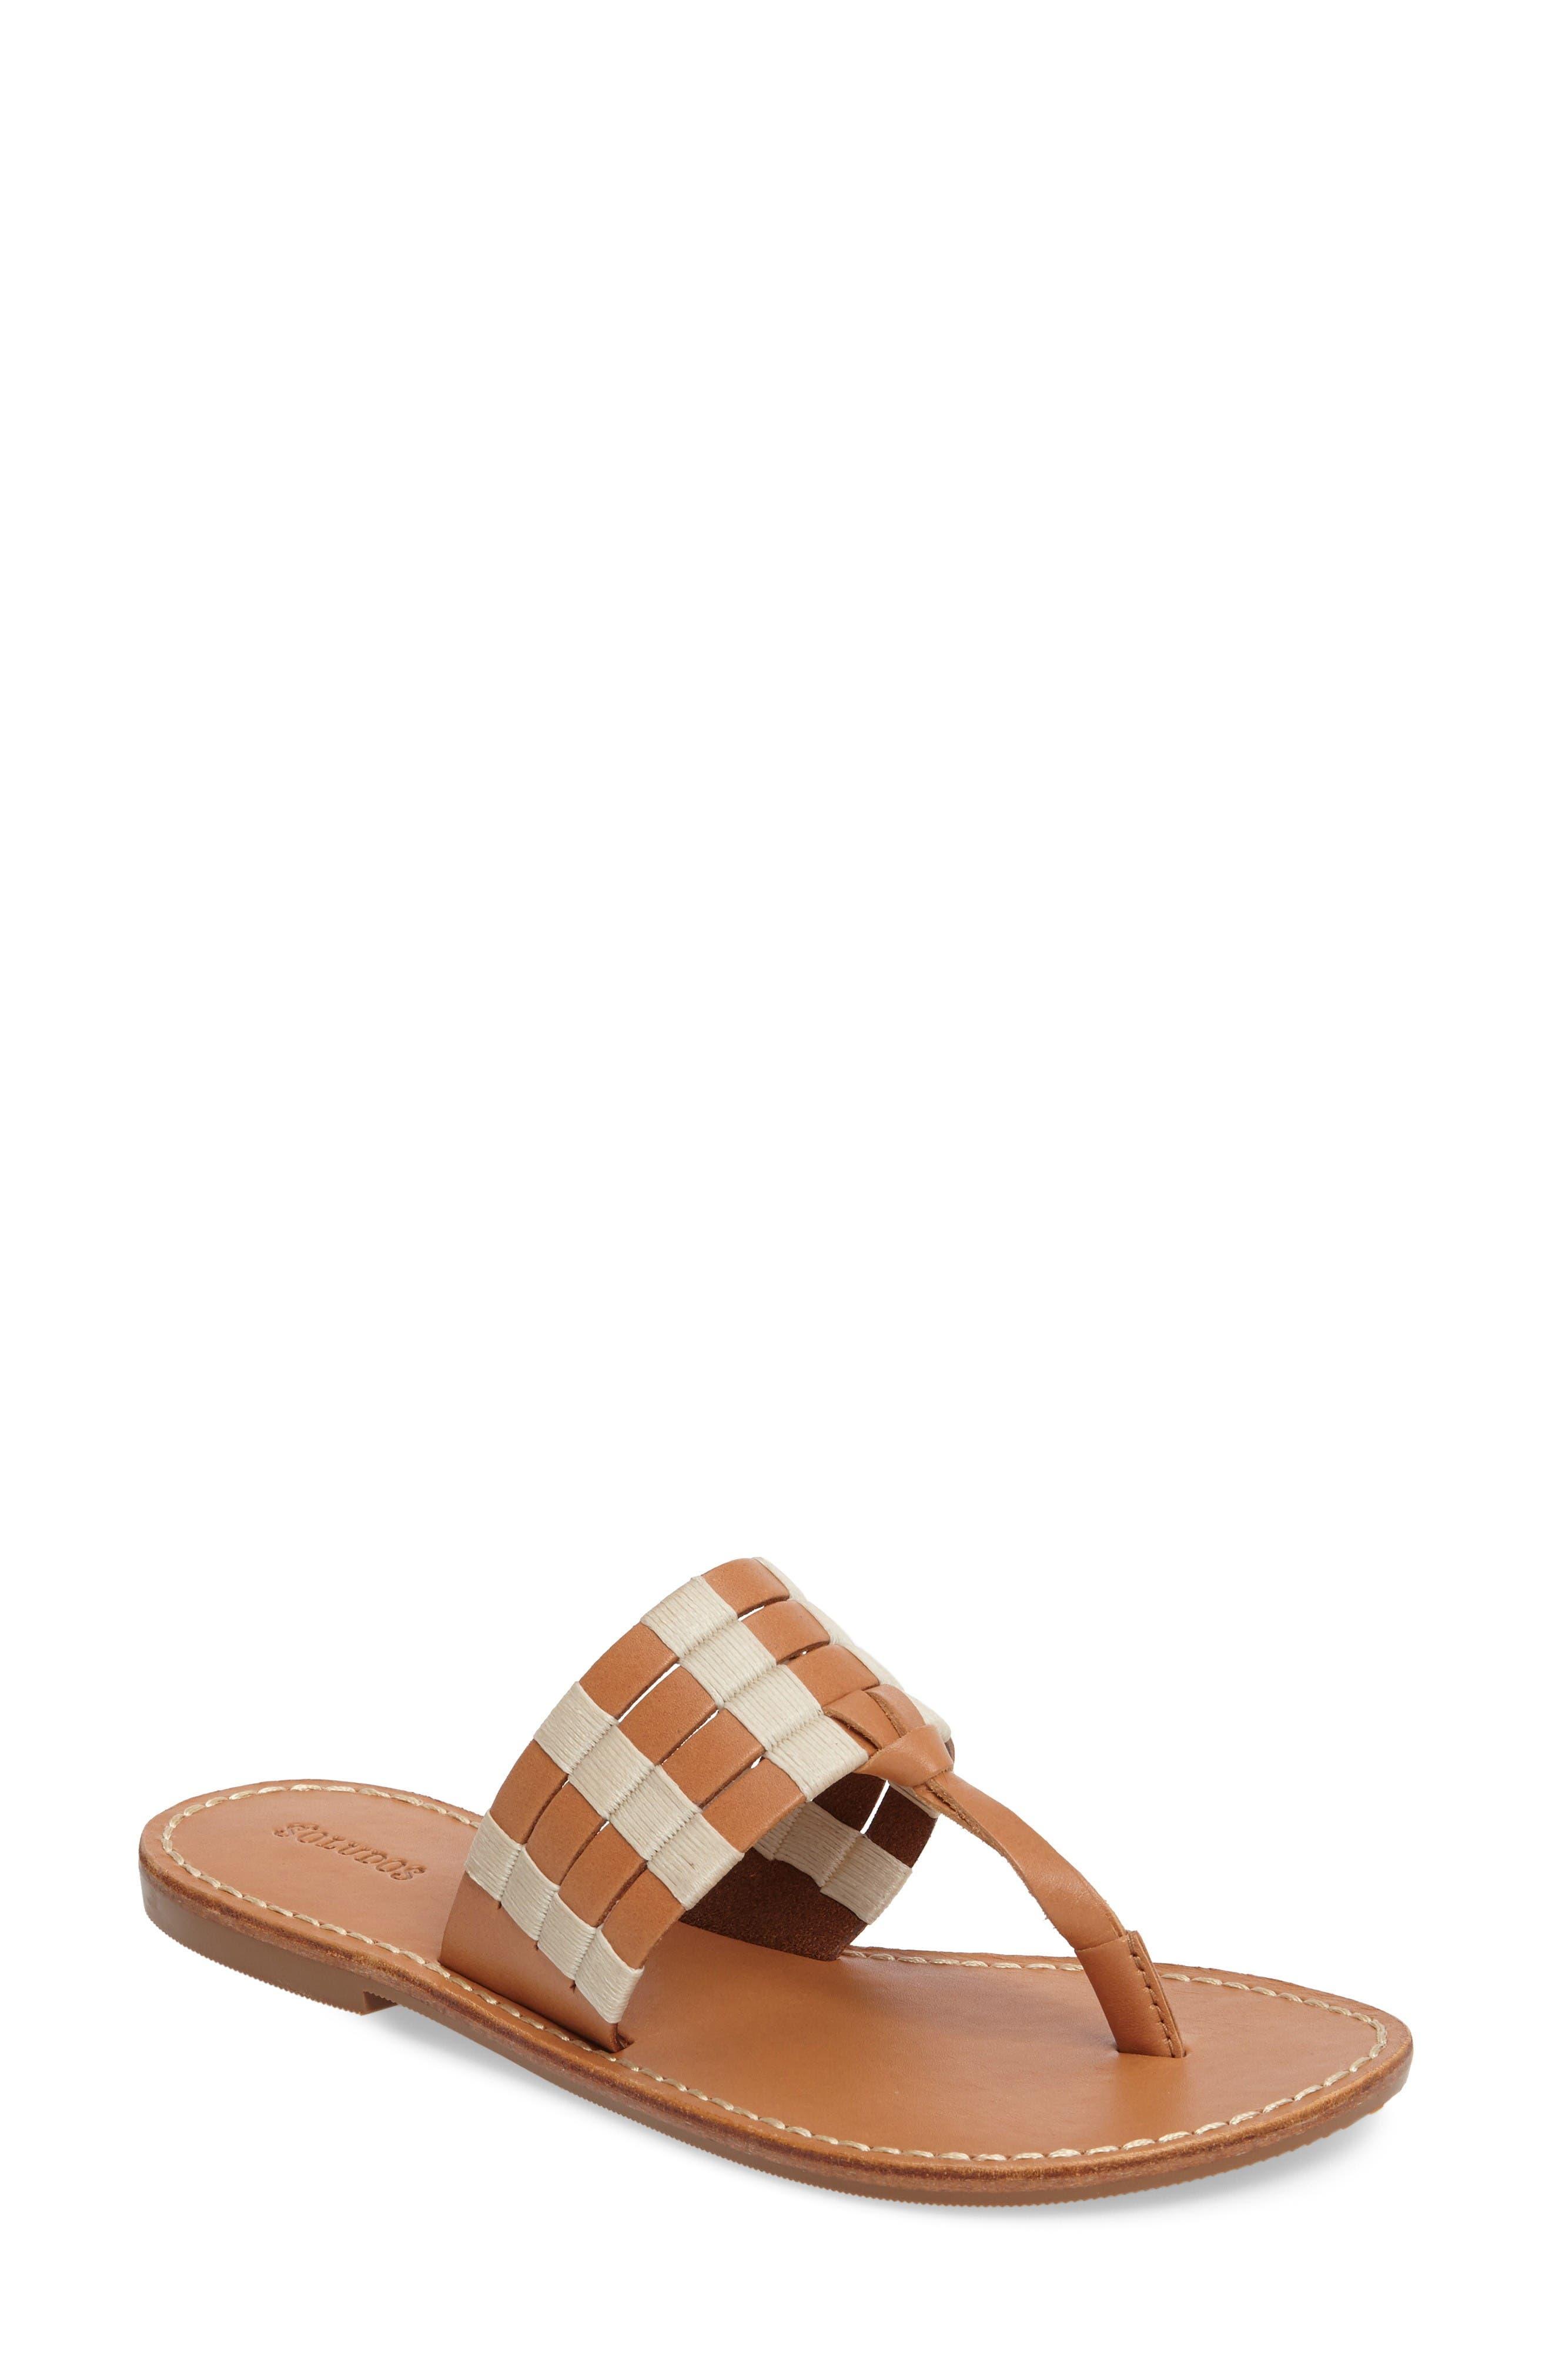 Main Image - Soludos Sandal (Women)